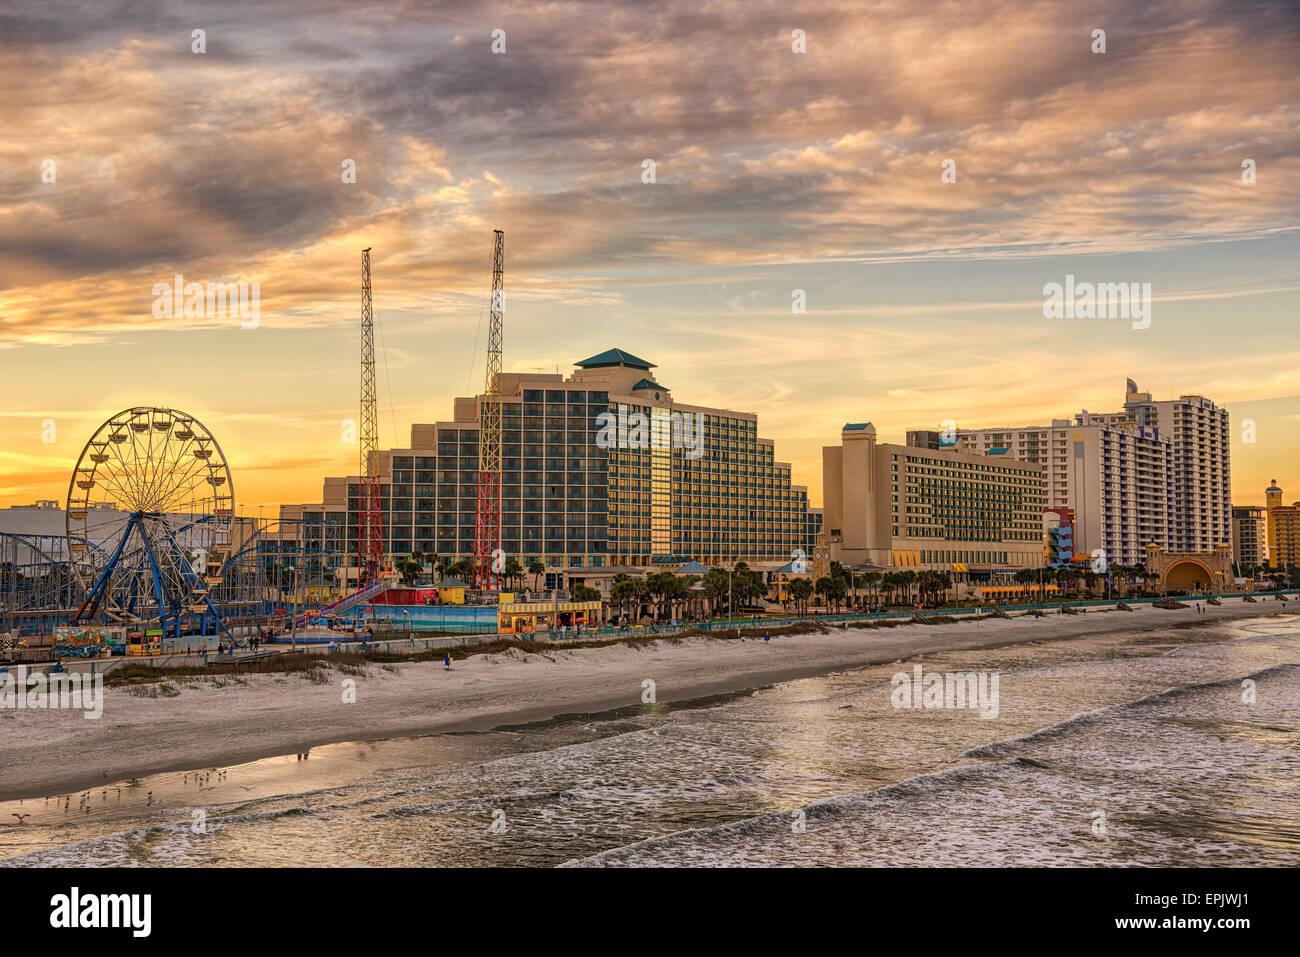 Skyline von Daytona Beach, Florida, bei Sonnenuntergang aus dem Fishing Pier. Stockbild